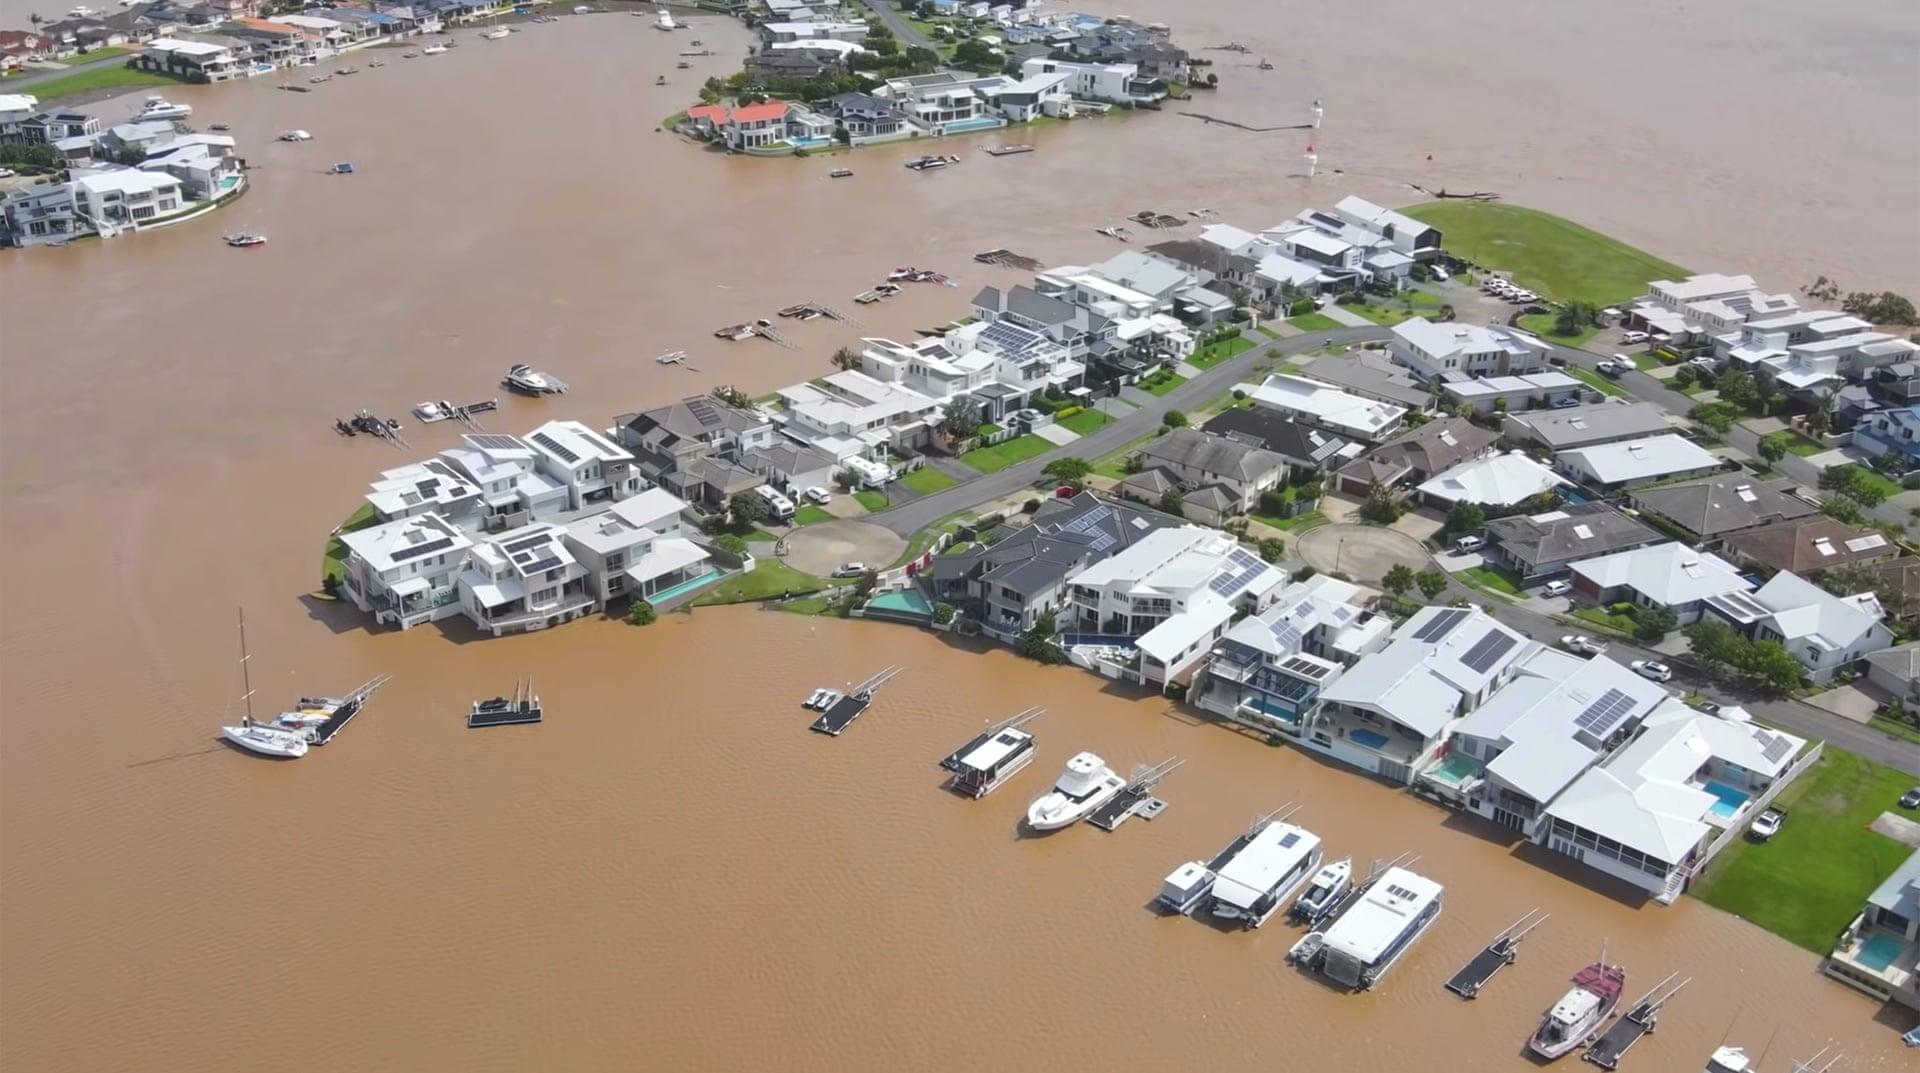 В Австралии произошло сильнейшее за последние 60 лет наводнение. Только фото